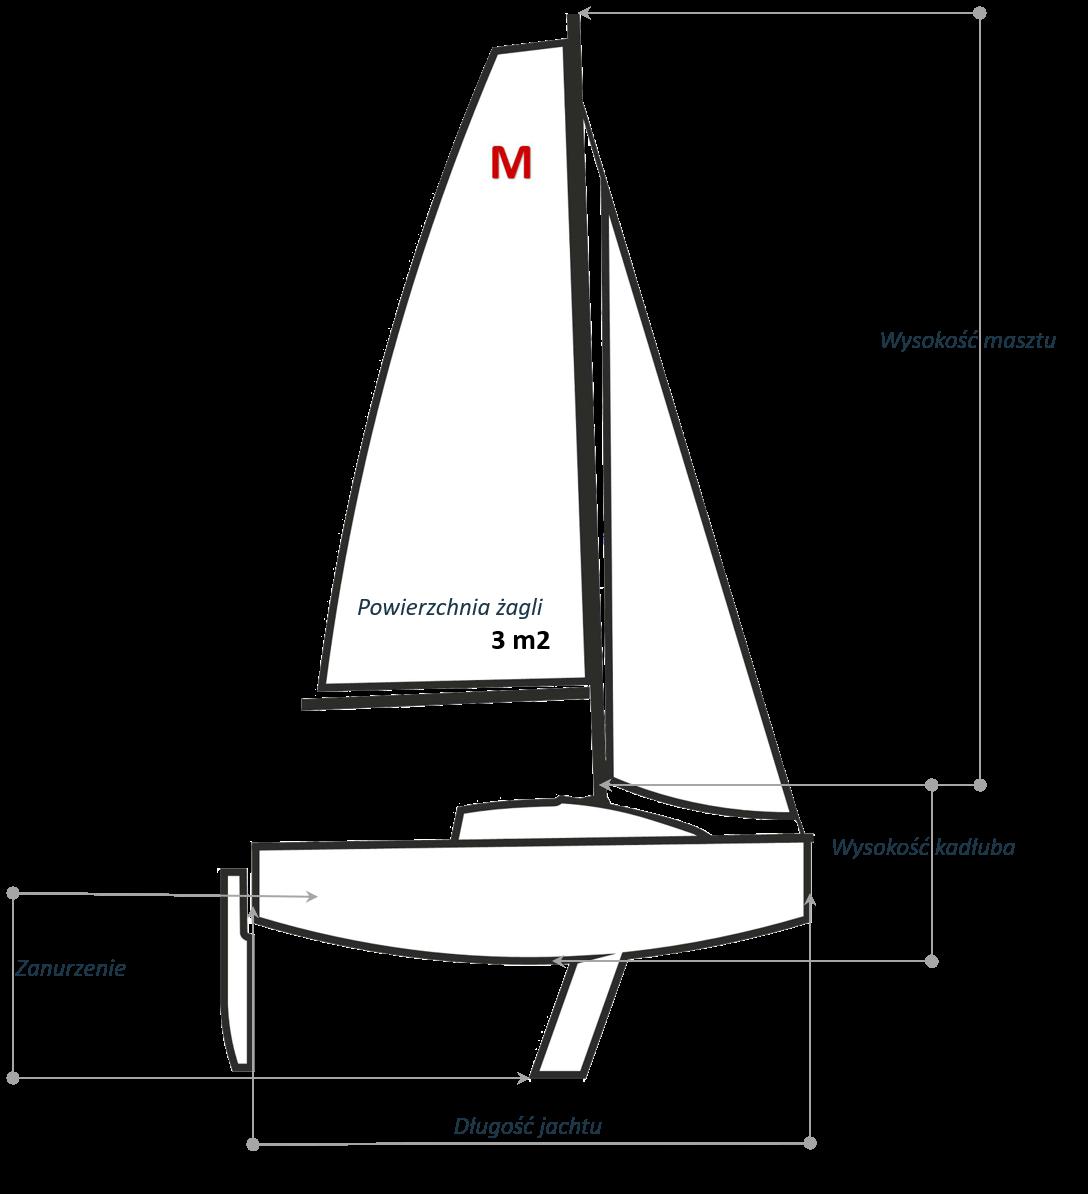 Jacht_wymiary (pl)